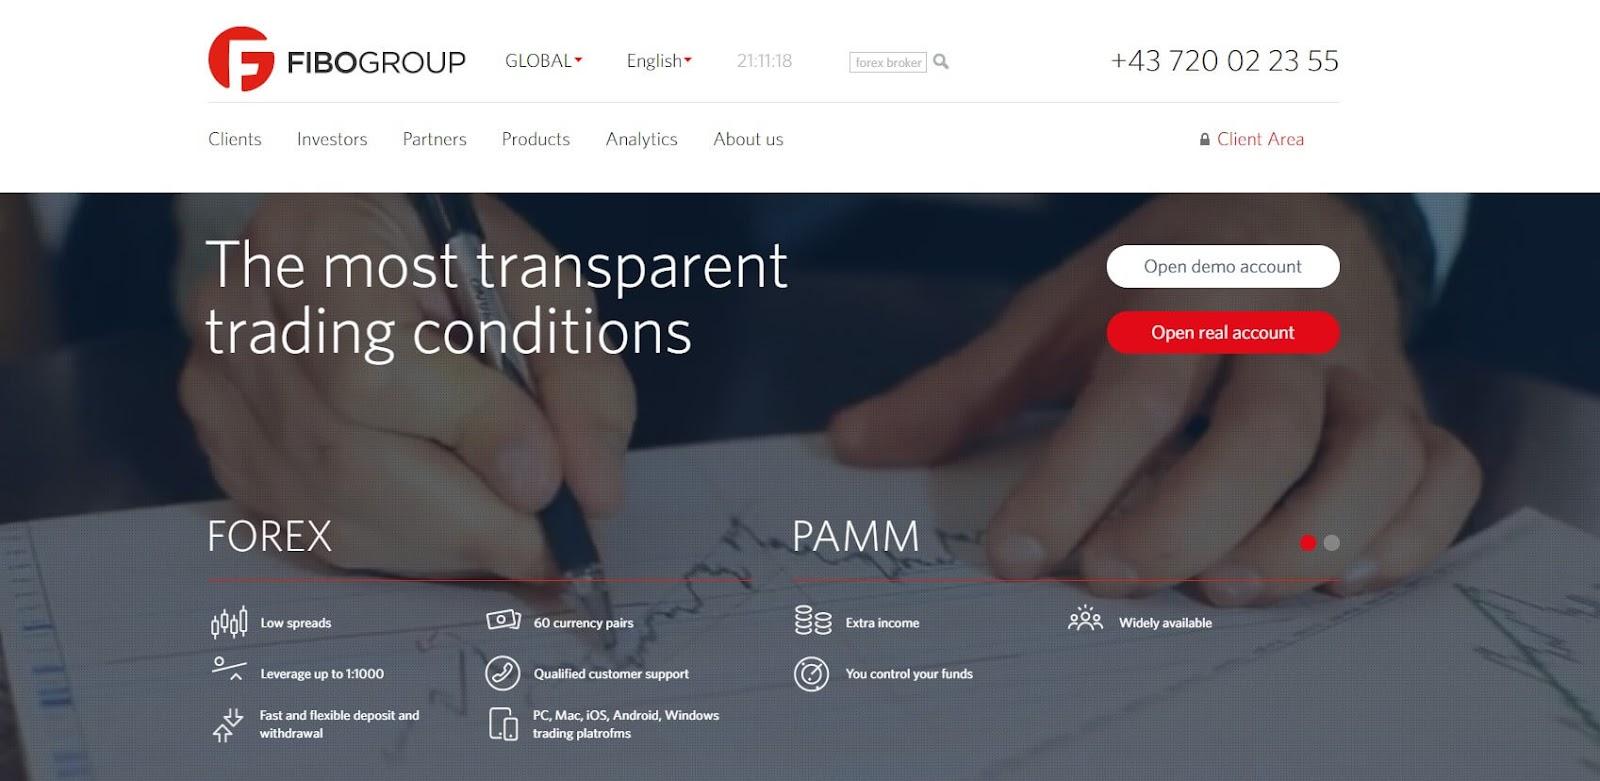 hình ảnh [Review] Fibo Group có uy tín không & Các dịch vụ chính - số 1